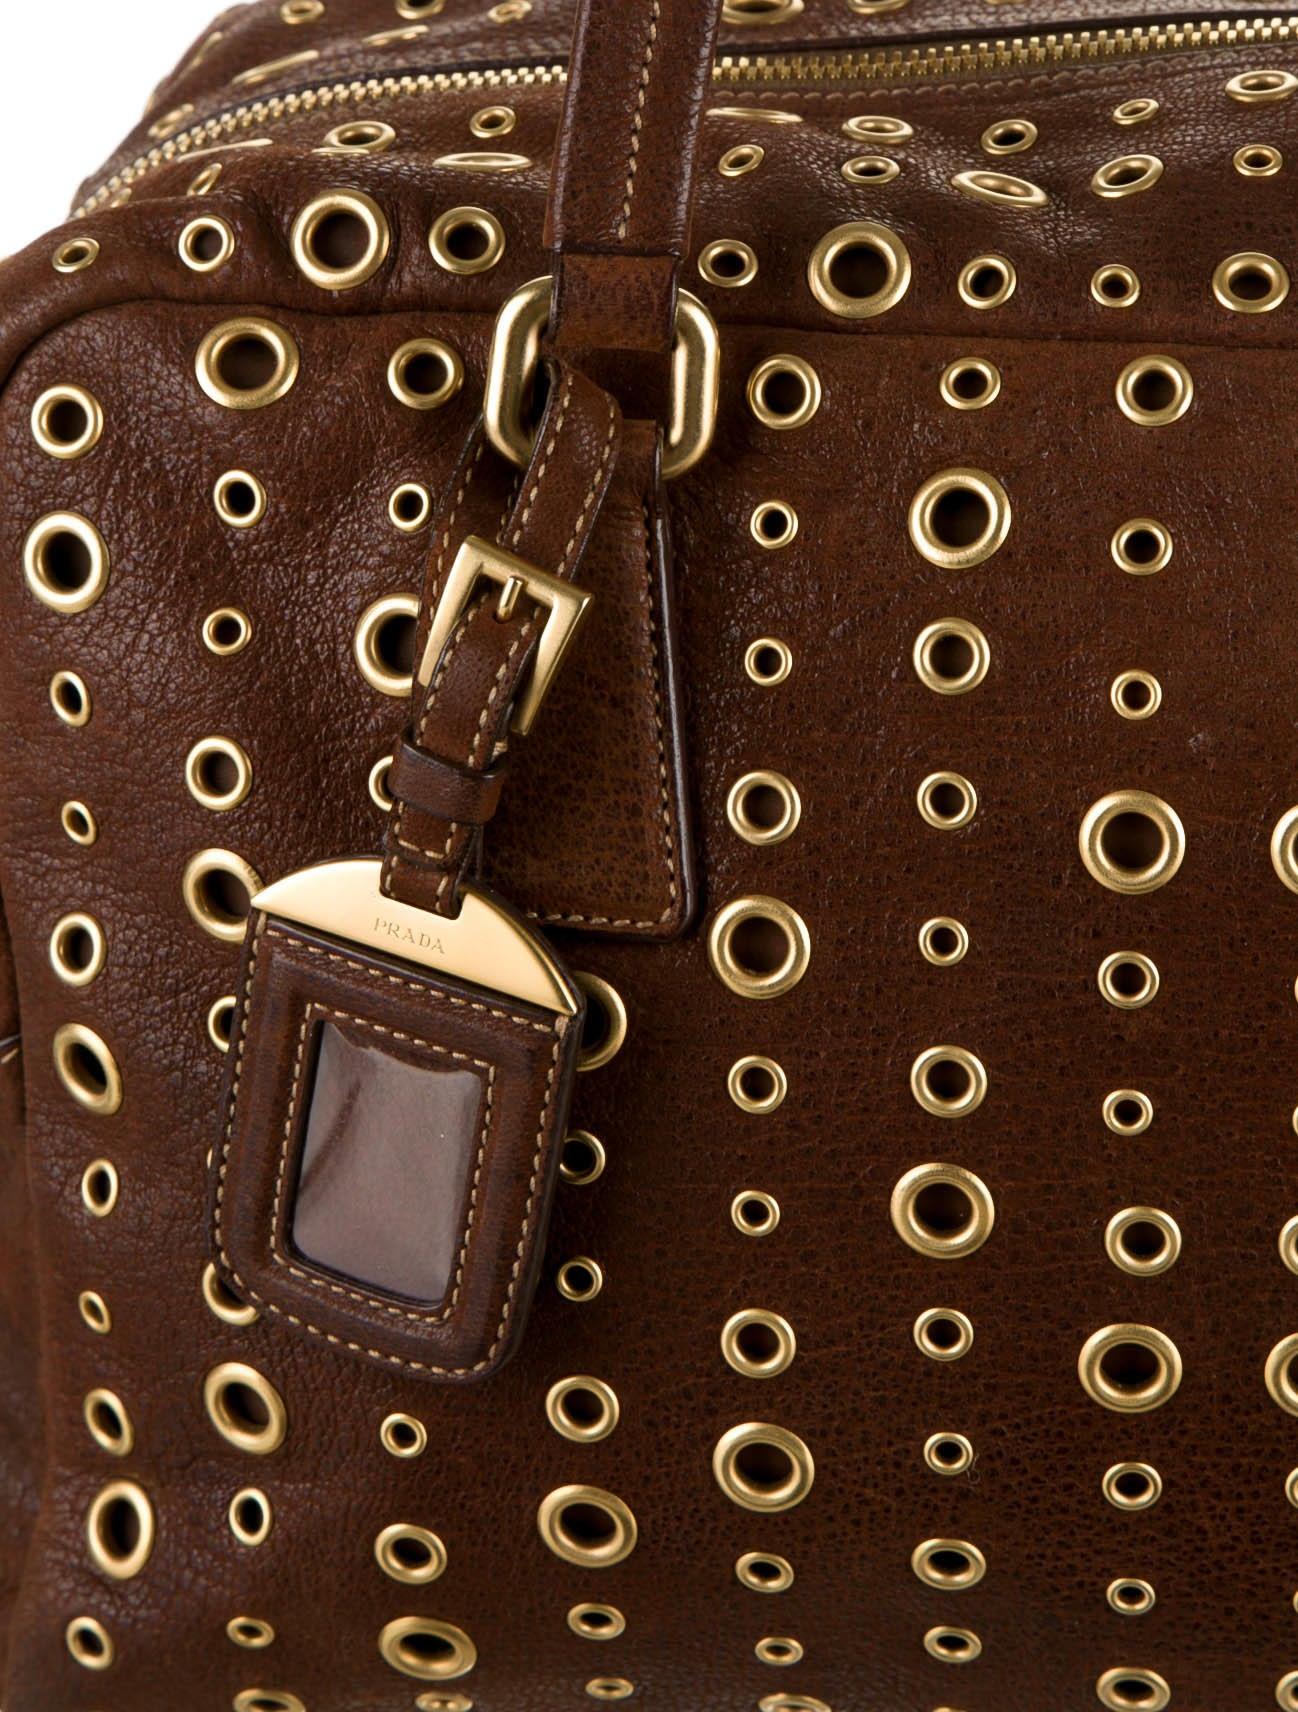 prada grommet-accented bag